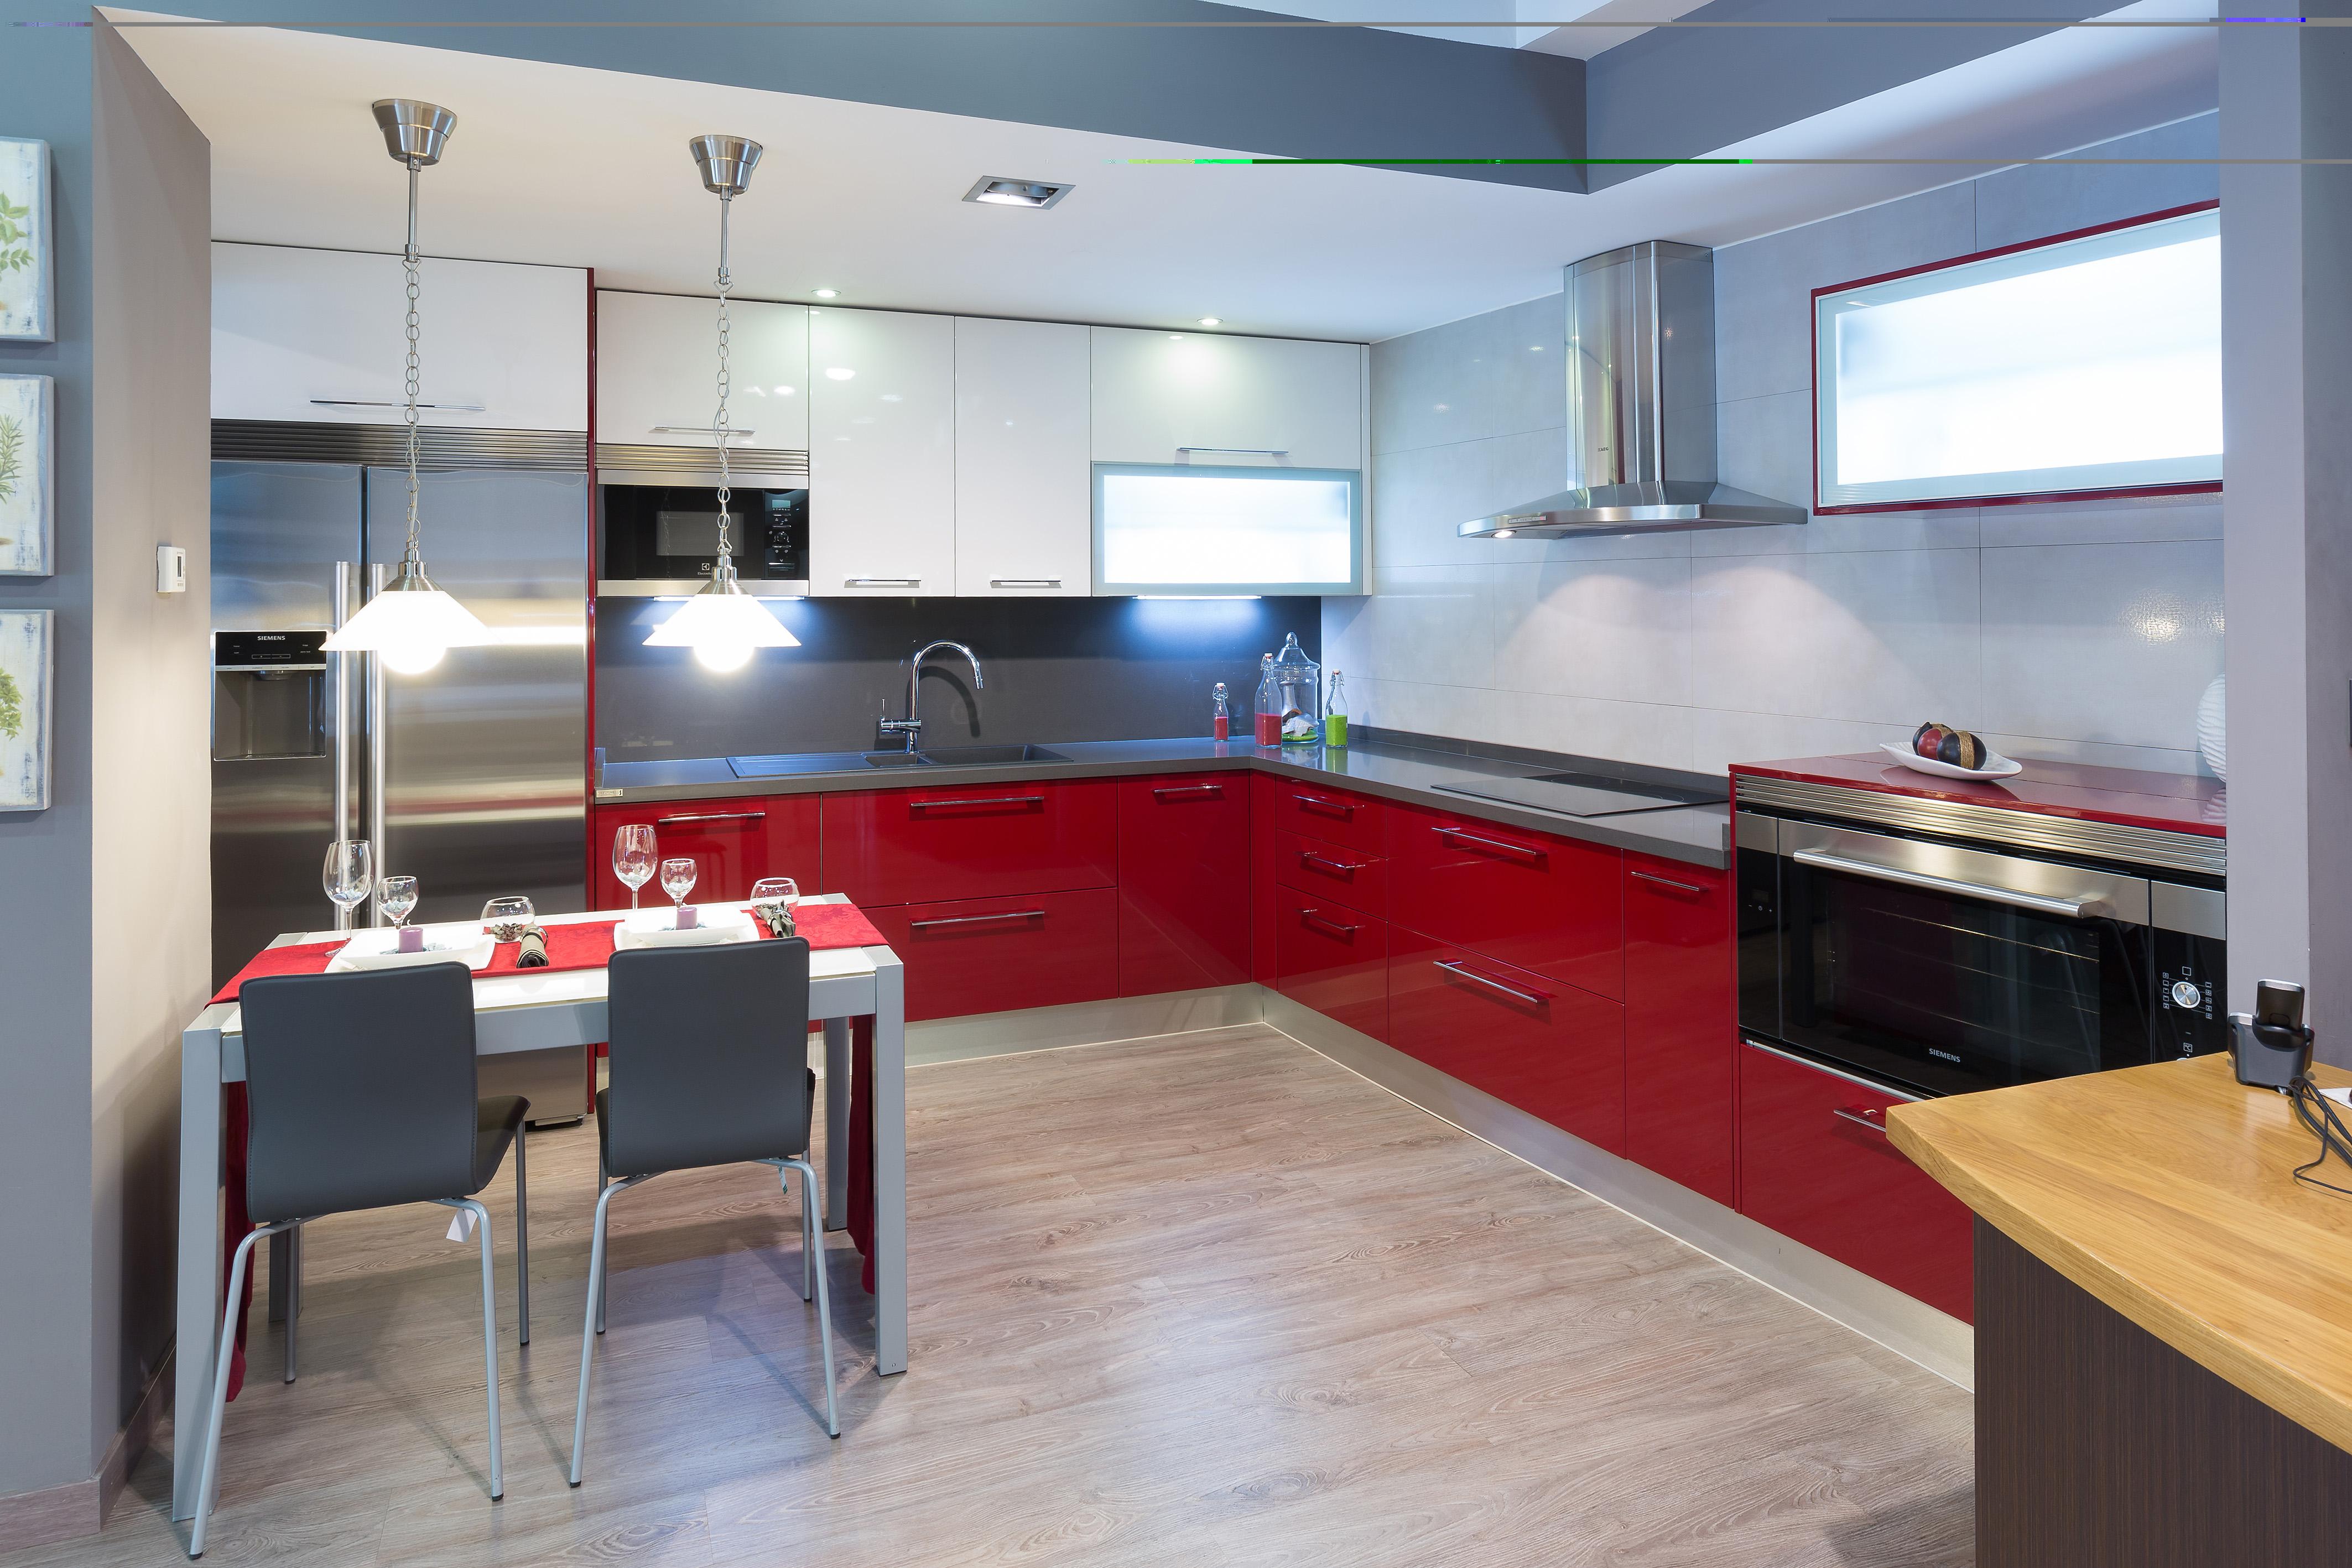 Nuevas cocinas en liquidaci n para renovar nuestra - Exposicion de cocinas modernas ...